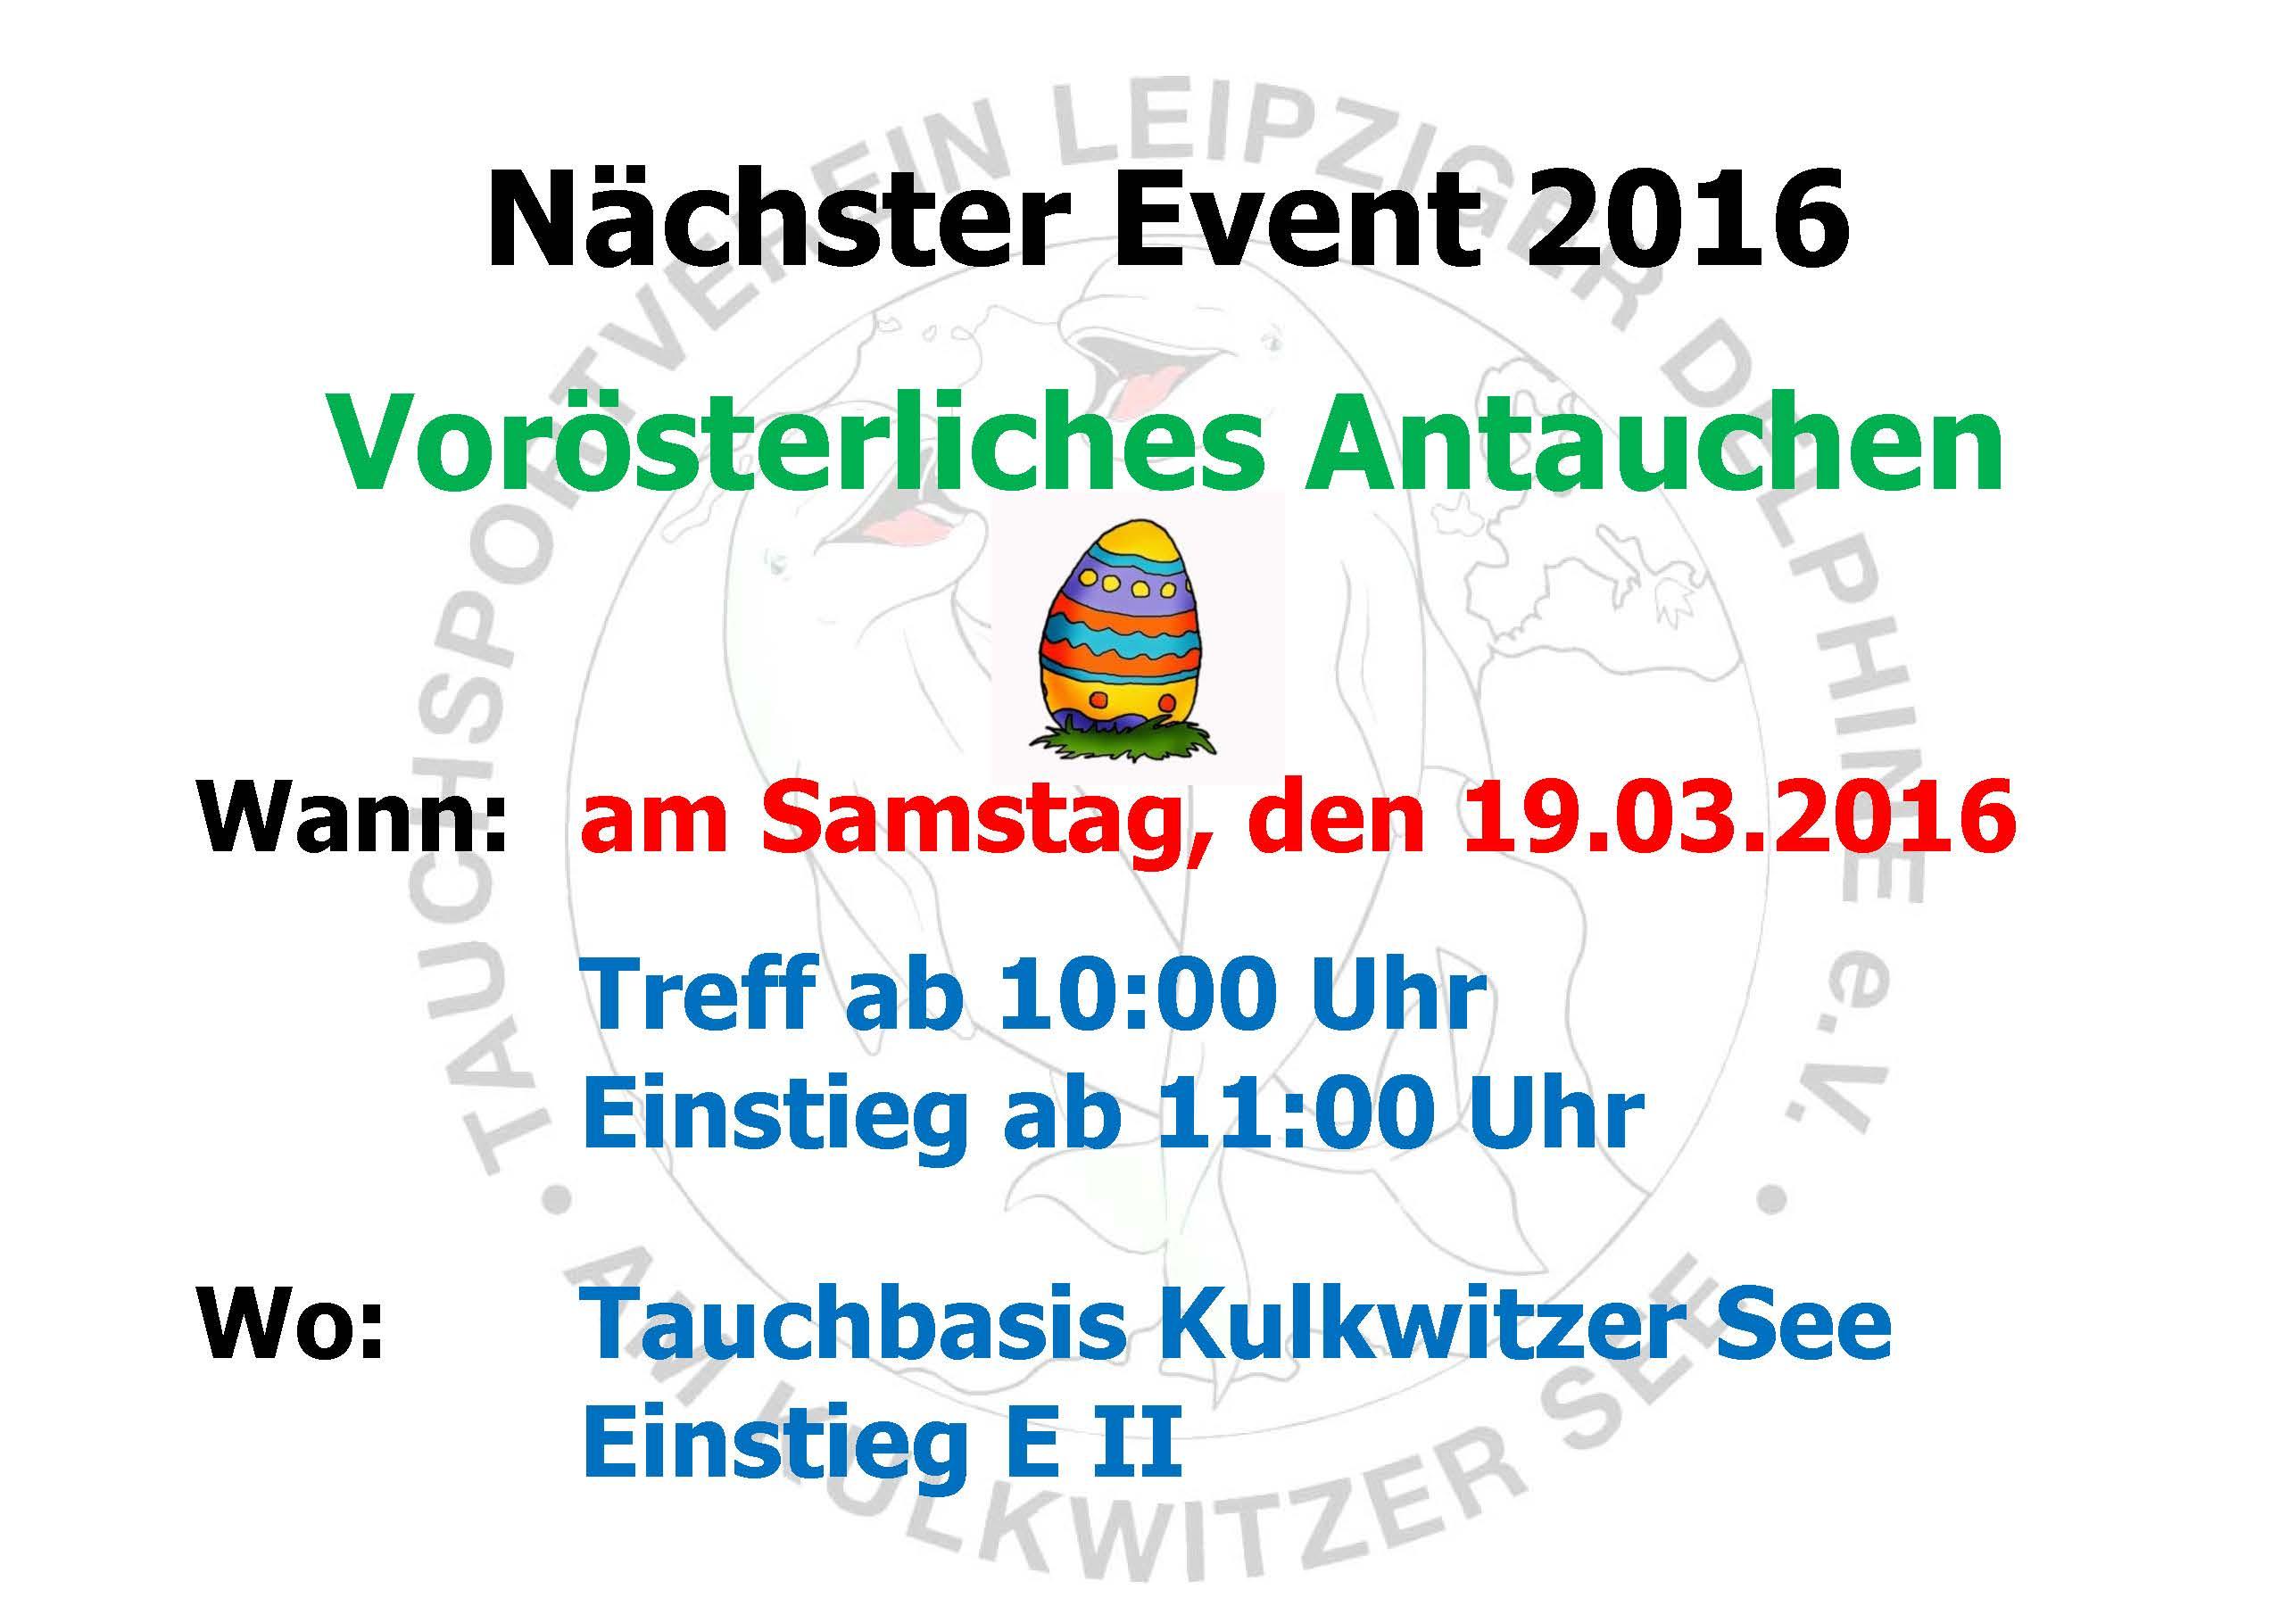 2016 01 01 Nächstes Event Delphine Ostertauchen 2016